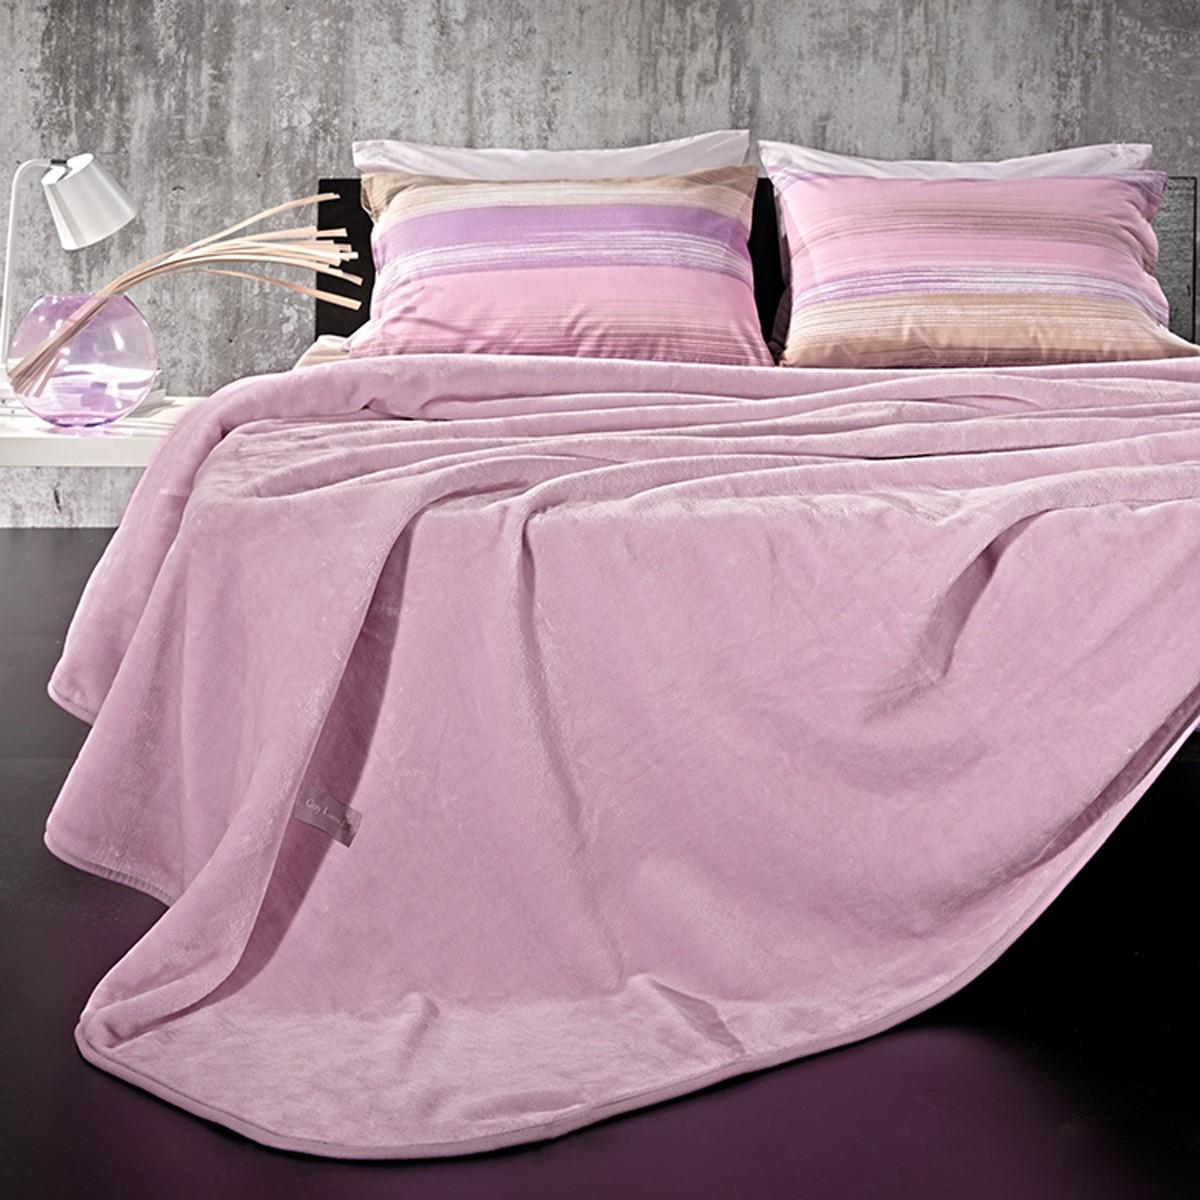 Κουβέρτα Βελουτέ Υπέρδιπλη Guy Laroche Solid Violet